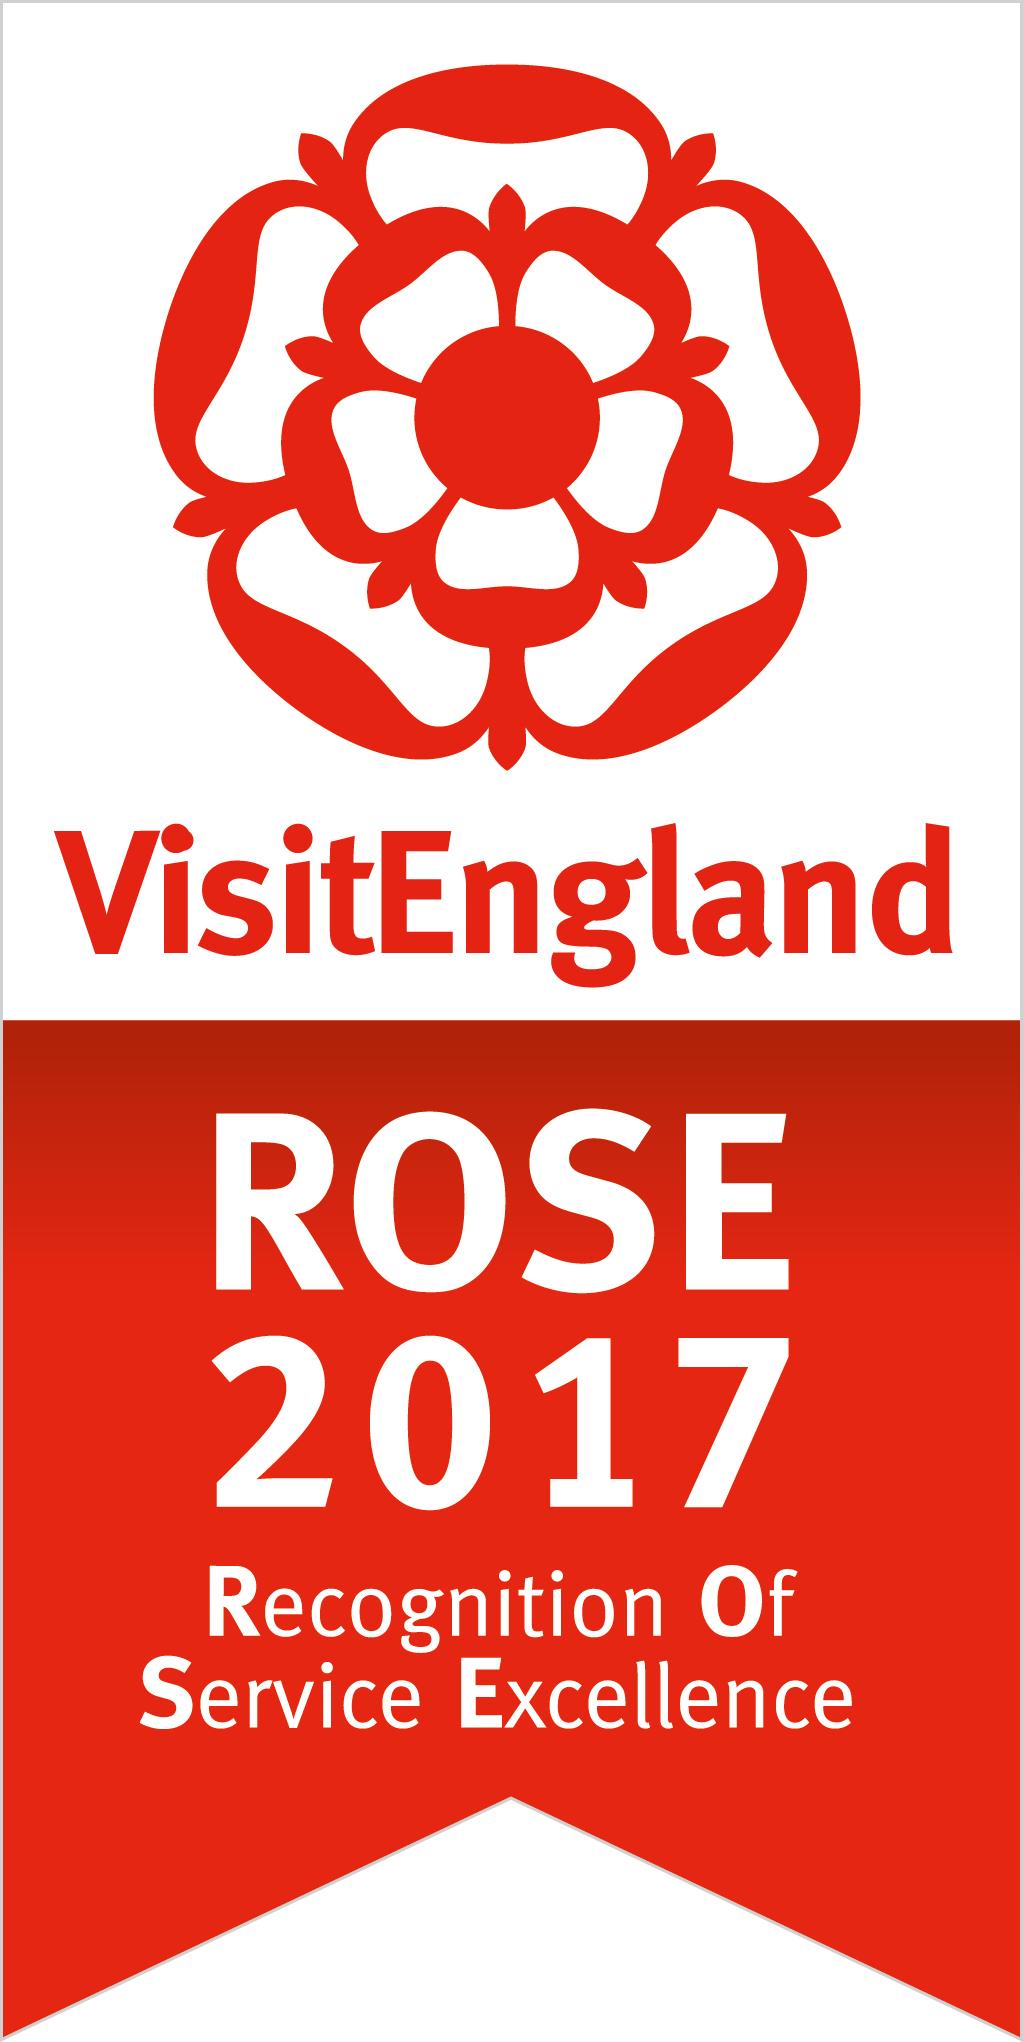 VISIT ENGLAND ROSE 2017.jpg